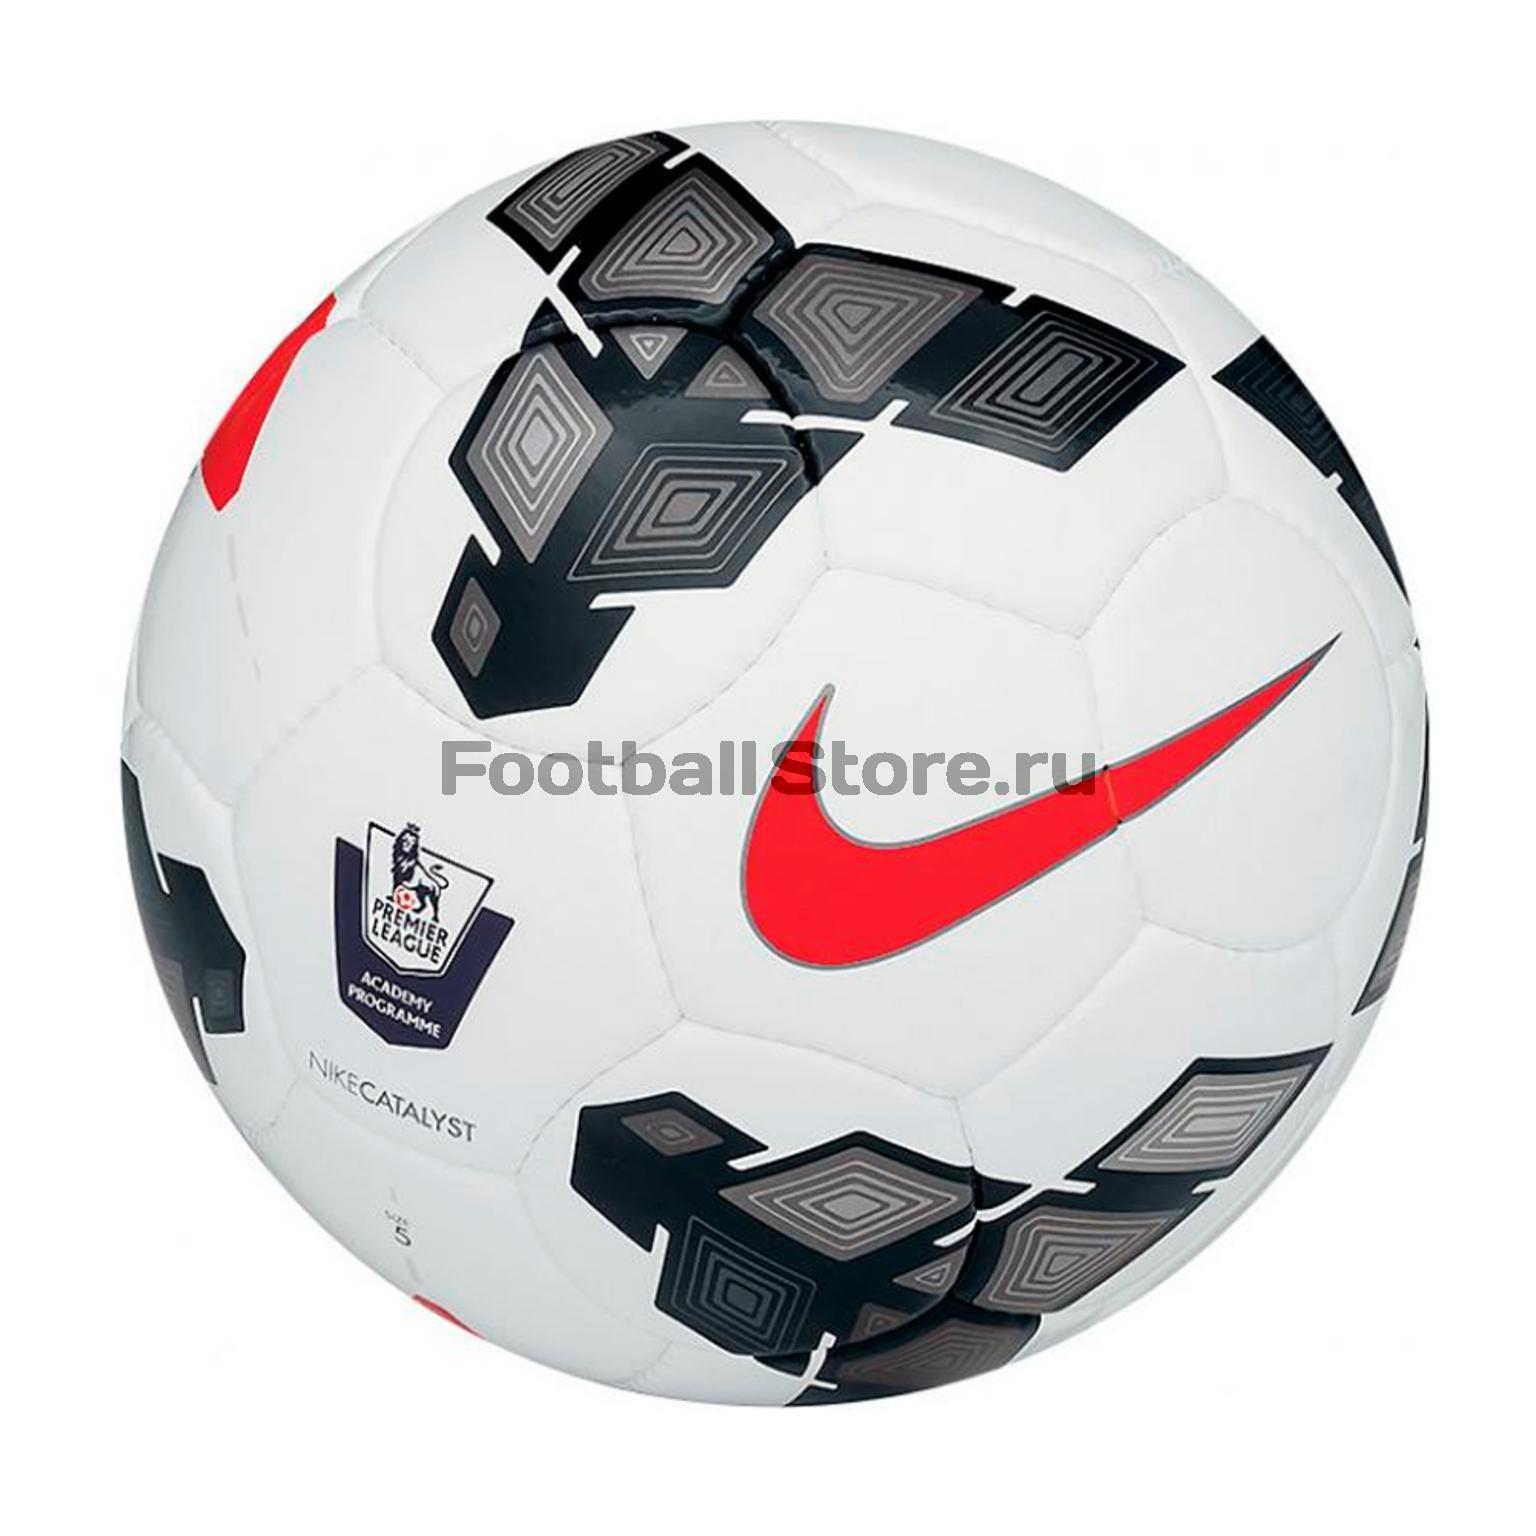 Классические Nike Мяч футбольный Nike Catalyst PL Academy SC2293-167